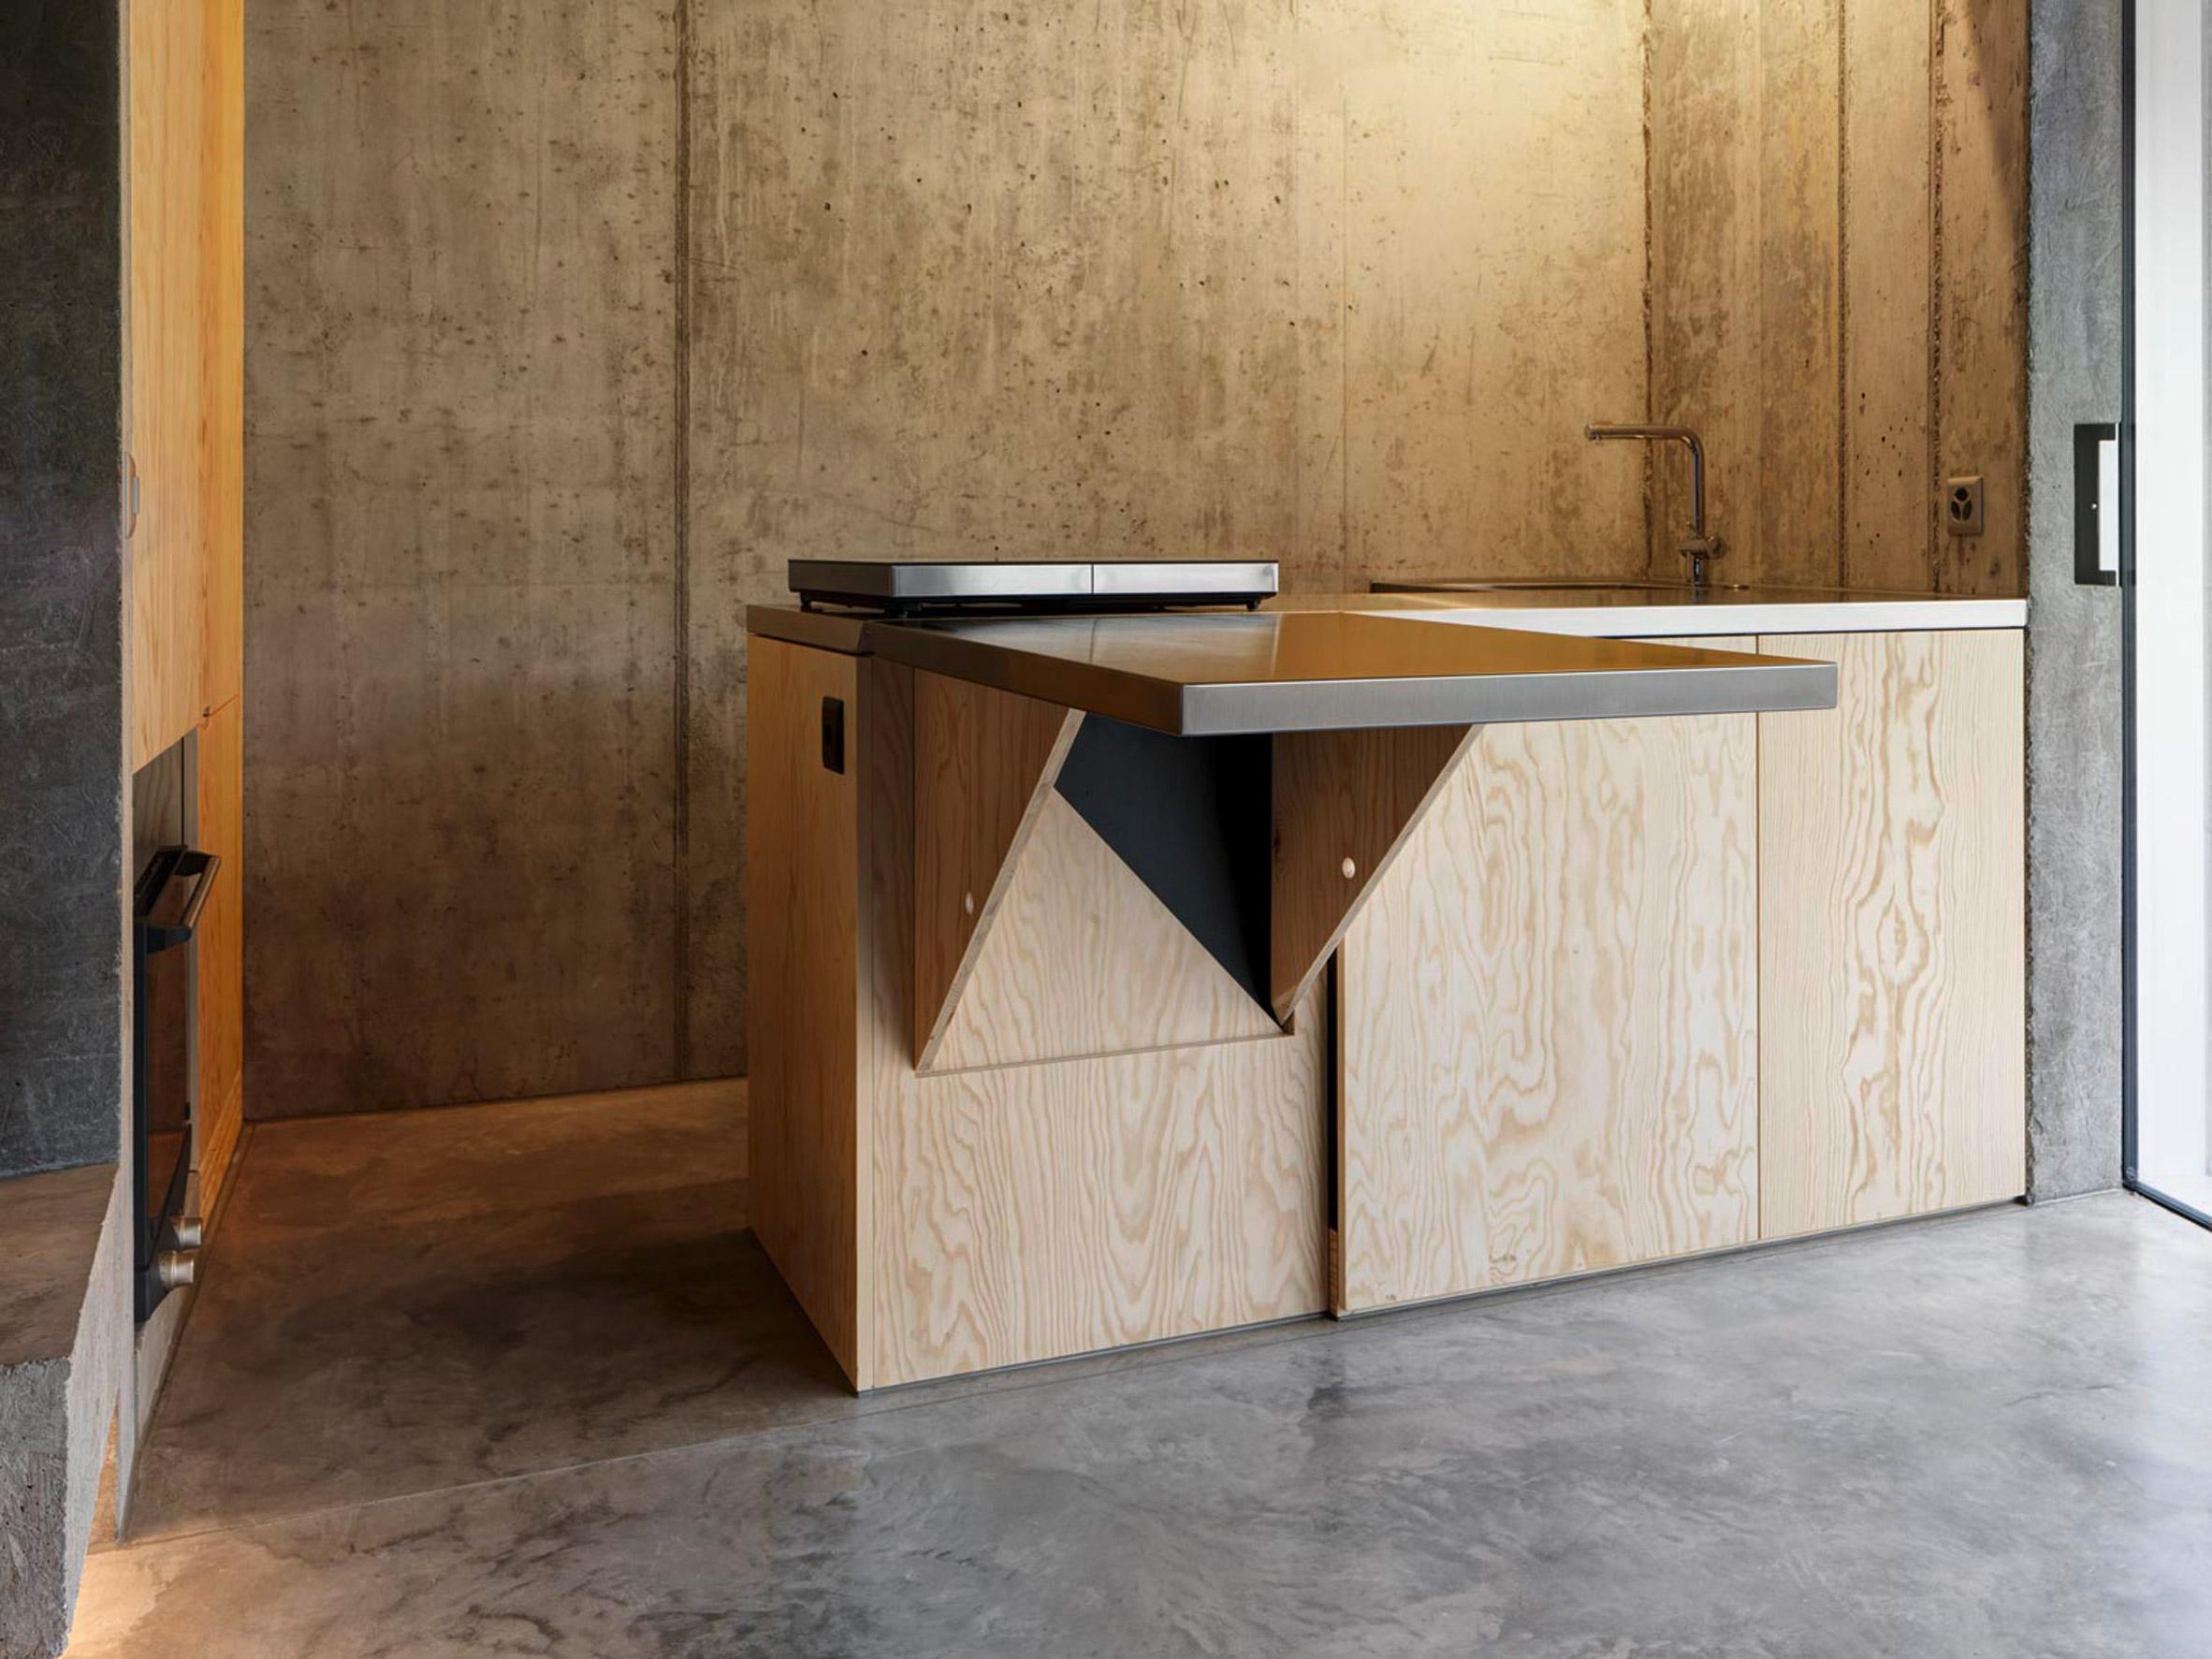 Gus Wüstemann affordable concrete housing in Zurich